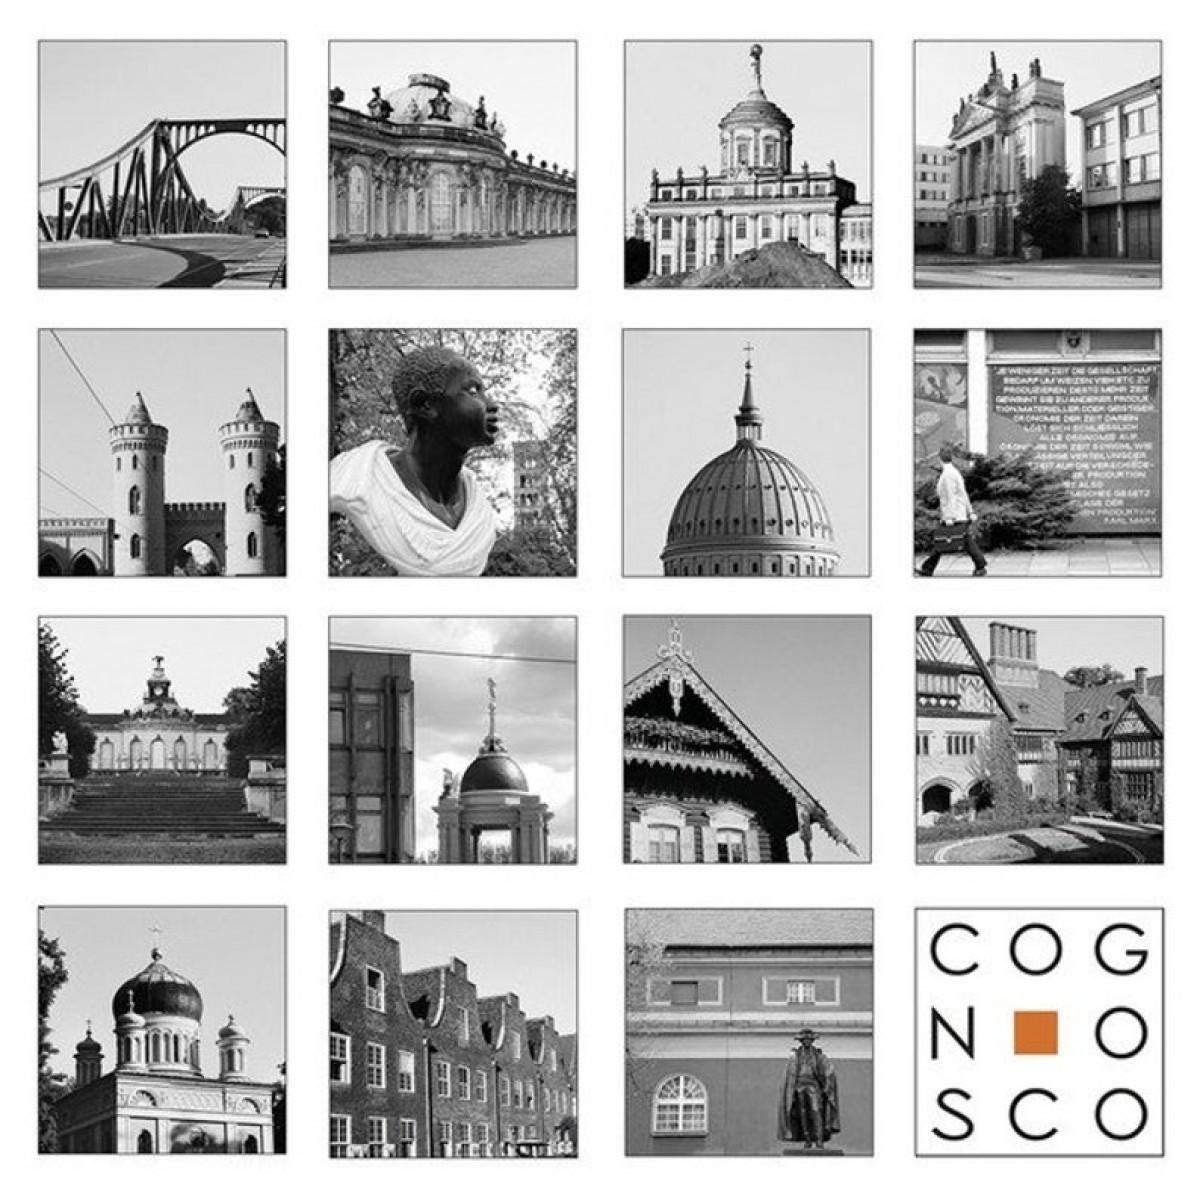 COGNOSCO Memo-Spiel Potsdam